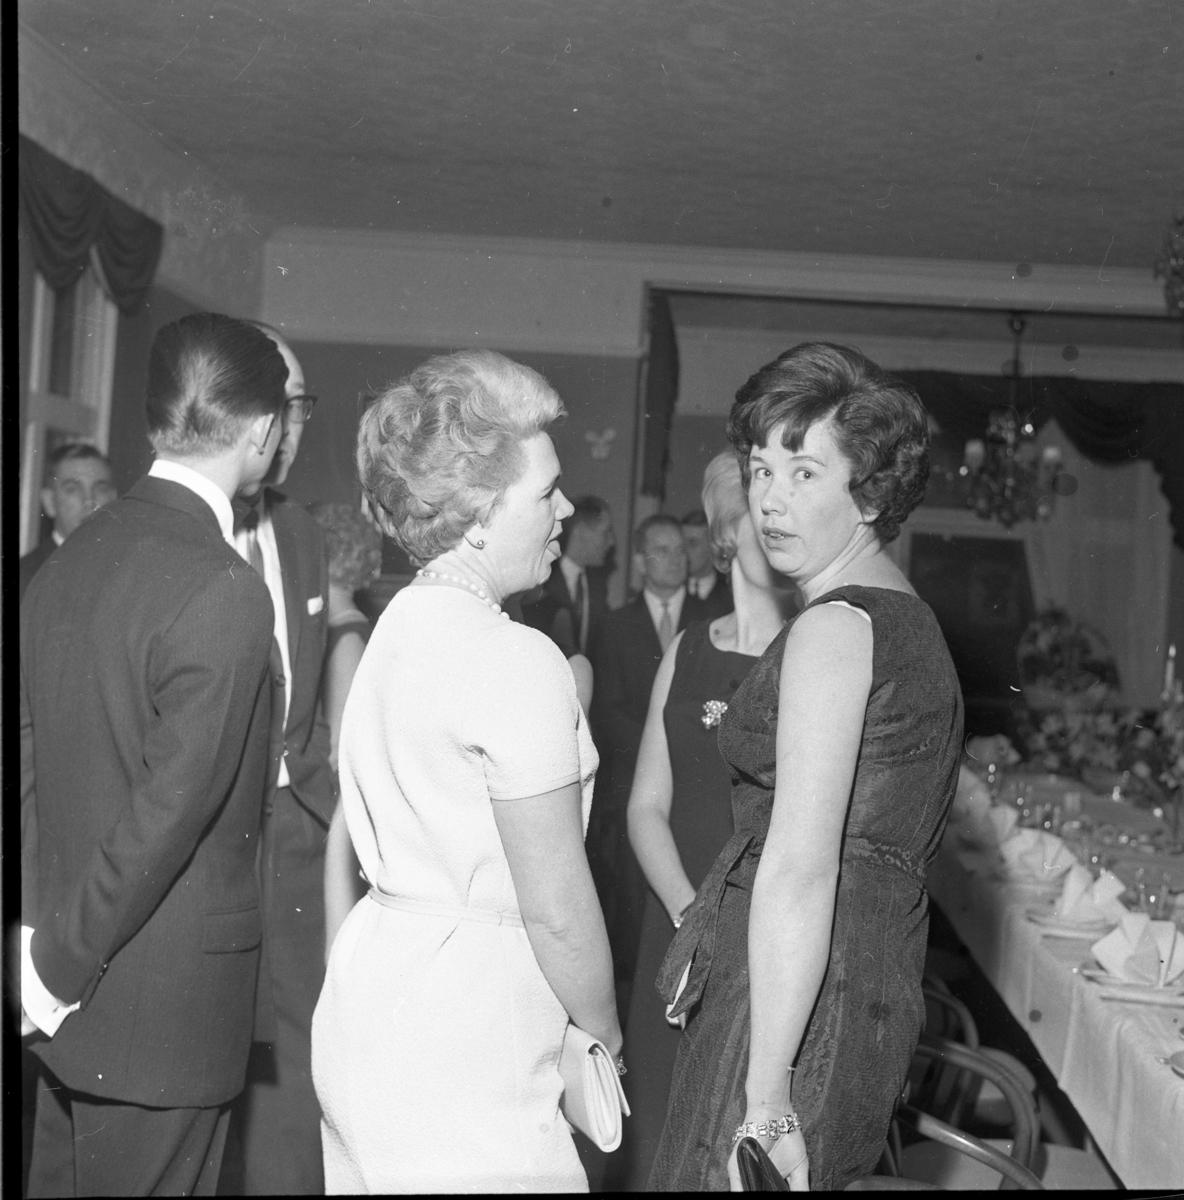 Middag på Ribbagården (?) i Gränna. Man firar Herman och Edit Thörns guldbröllop, samtidigt Anna-Greta Fransson 40 år och Vivan Strand 50 år. Två kvinnor i ljust respektive mörk klänning, med aftonväskor. Från vänster: Britta Hess och hennes dotter Inga-Lill Fransson.